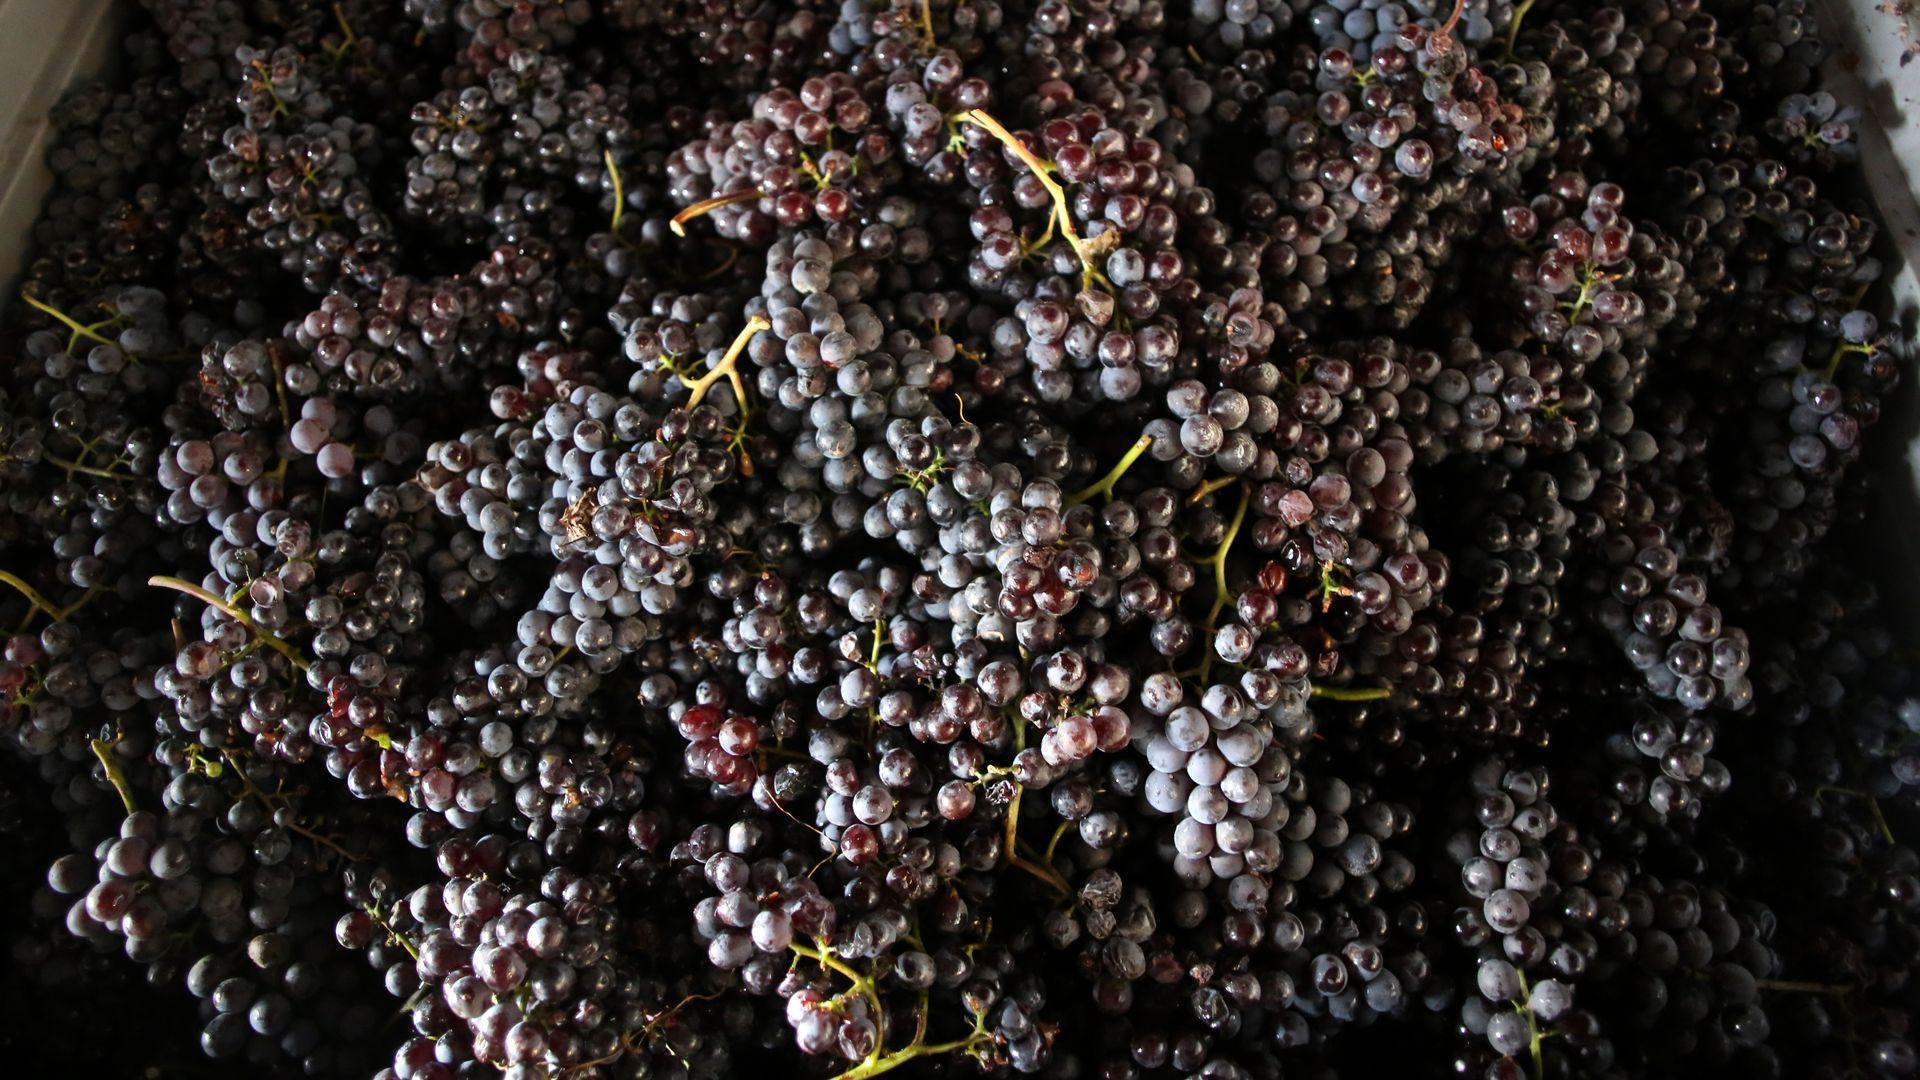 Piemonte Nebbiolodruvor